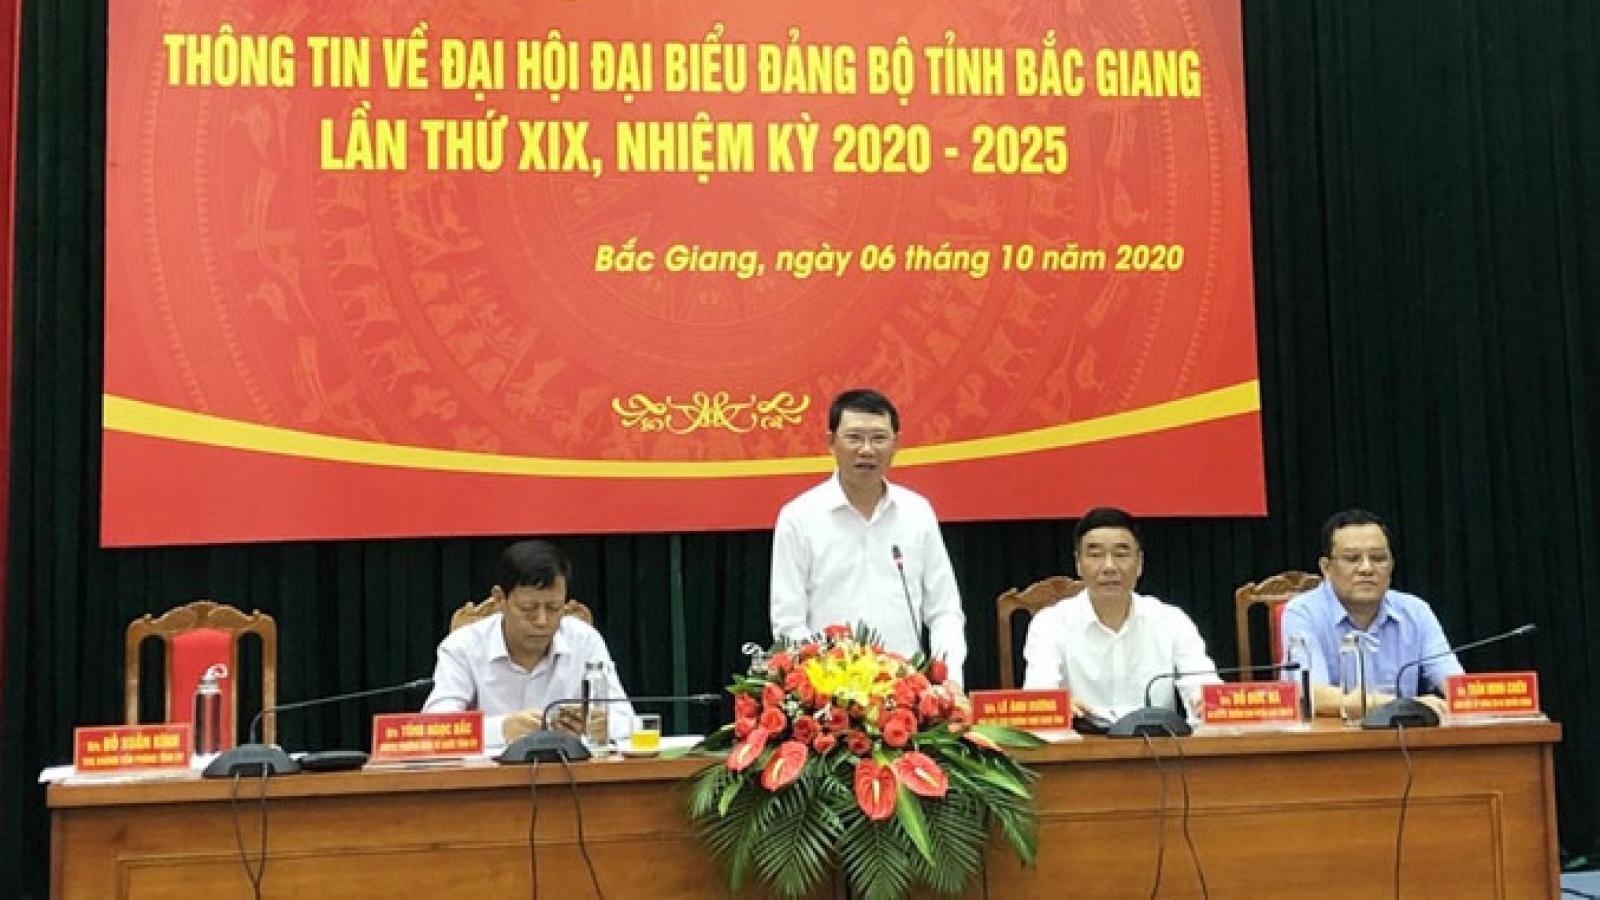 Đại hội Đảng bộ tỉnh Bắc Giang diễn ra từ ngày 13- 15/10